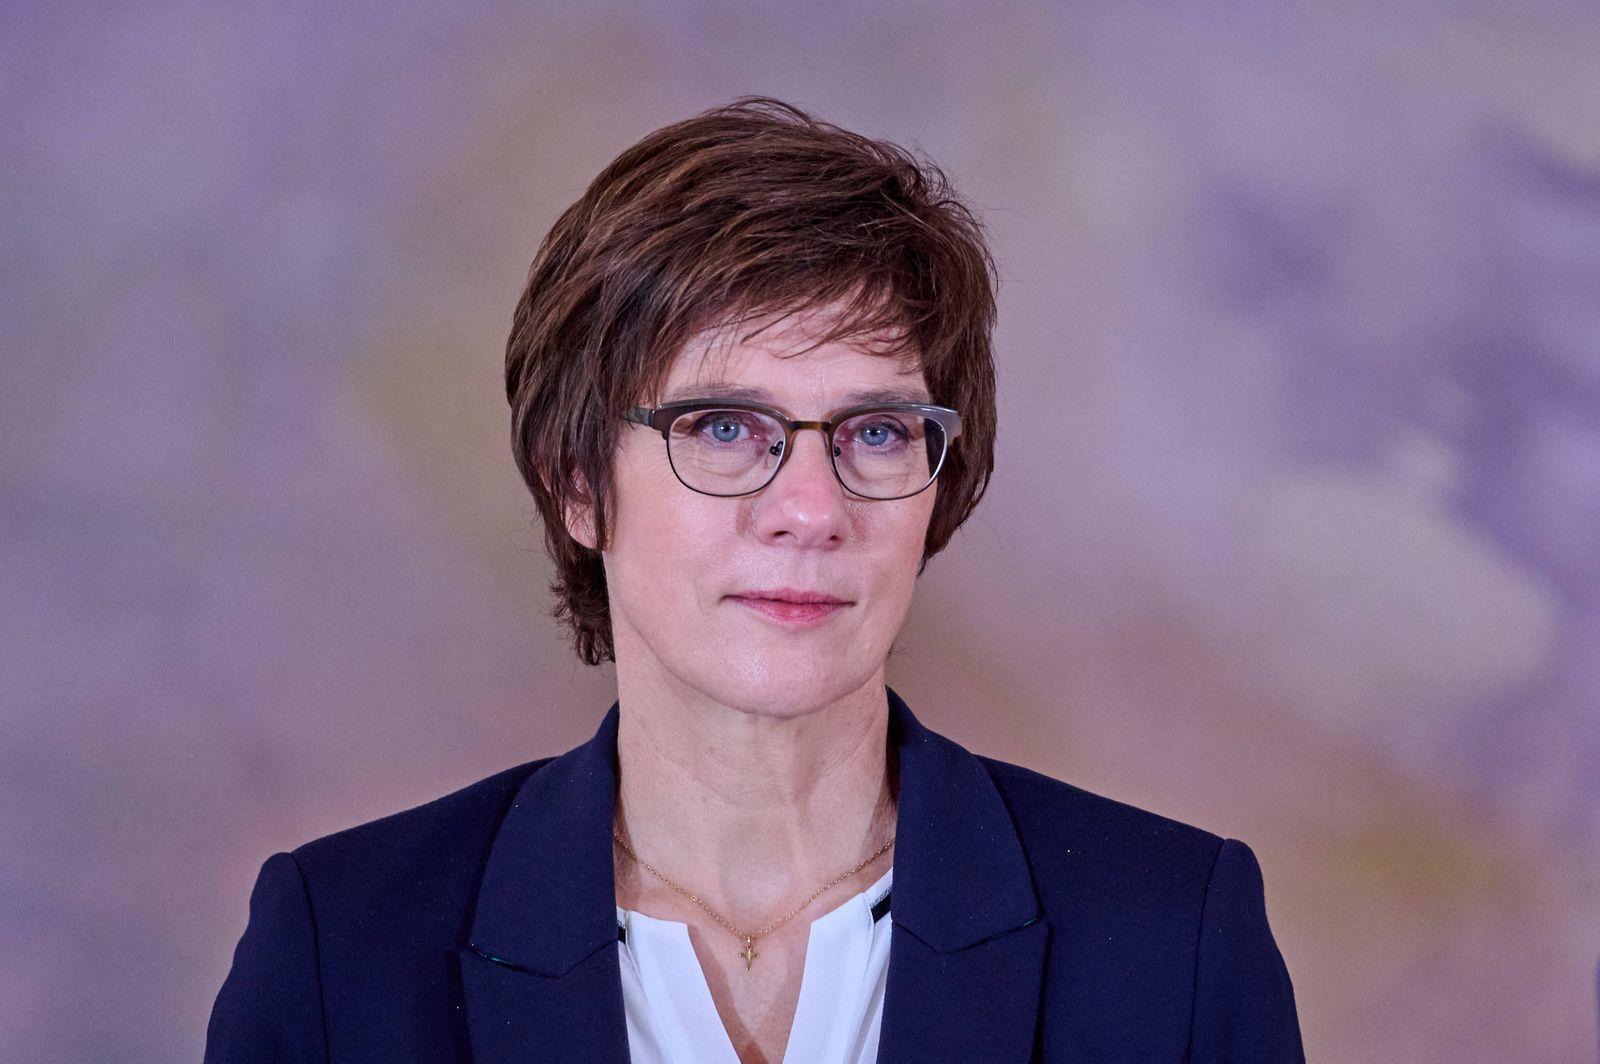 Bundesverteidigungsministerin Annegret Kramp-Karrenbauer anlässlich der Verleihung des Verdienstkreuzes 1. Klasse an Bri